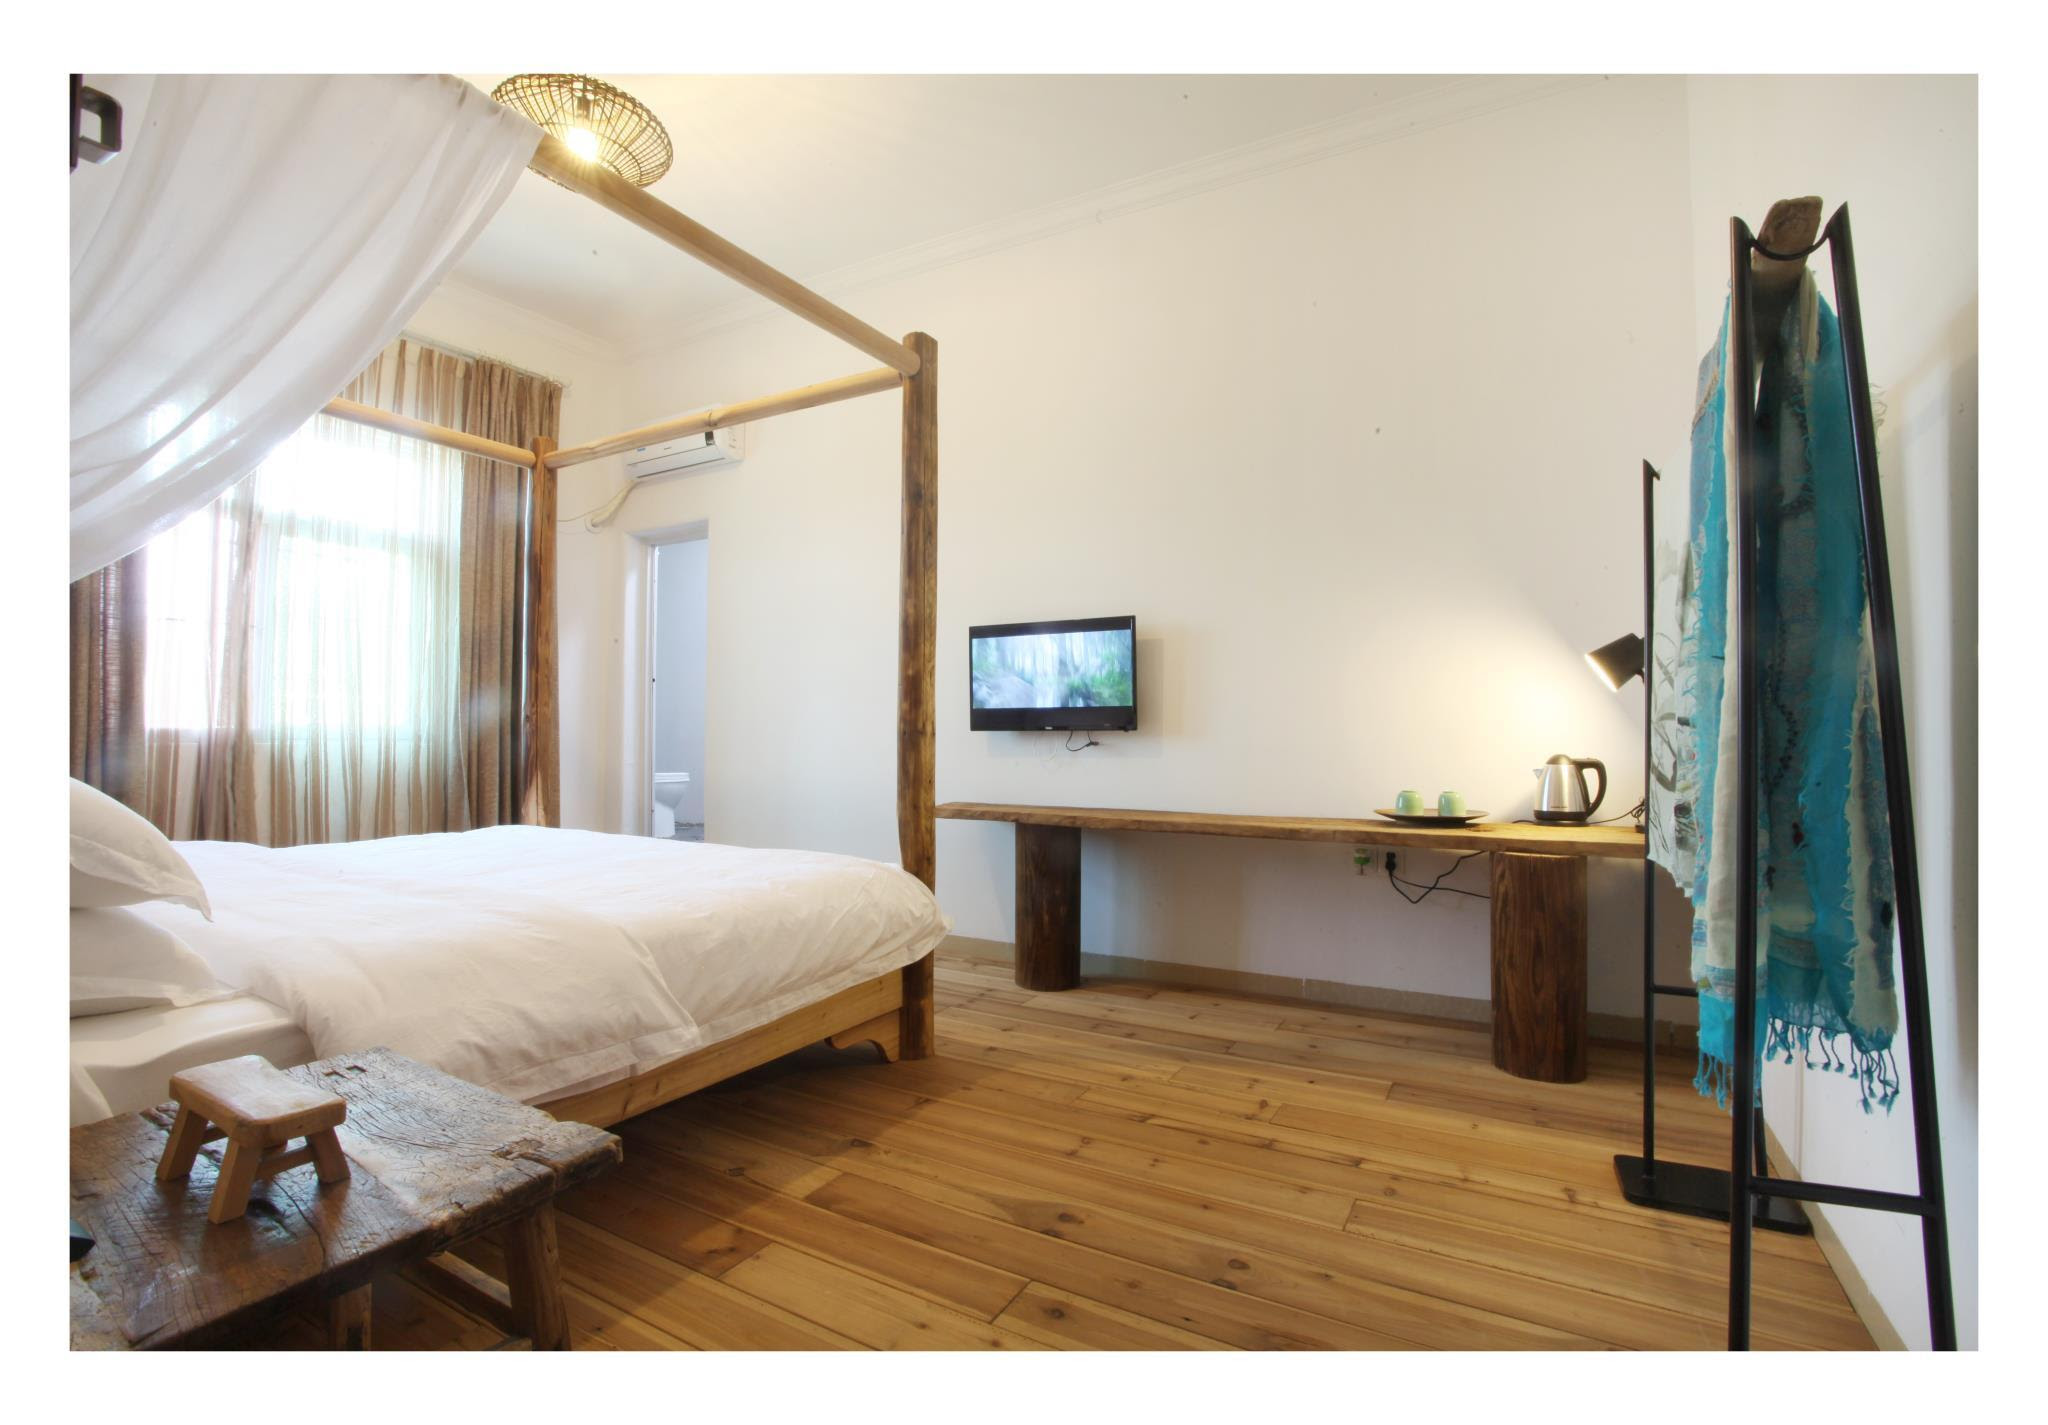 hotel near Xiamen Xiamen Yangxue Flower House-Entire House with 9 Bedrooms